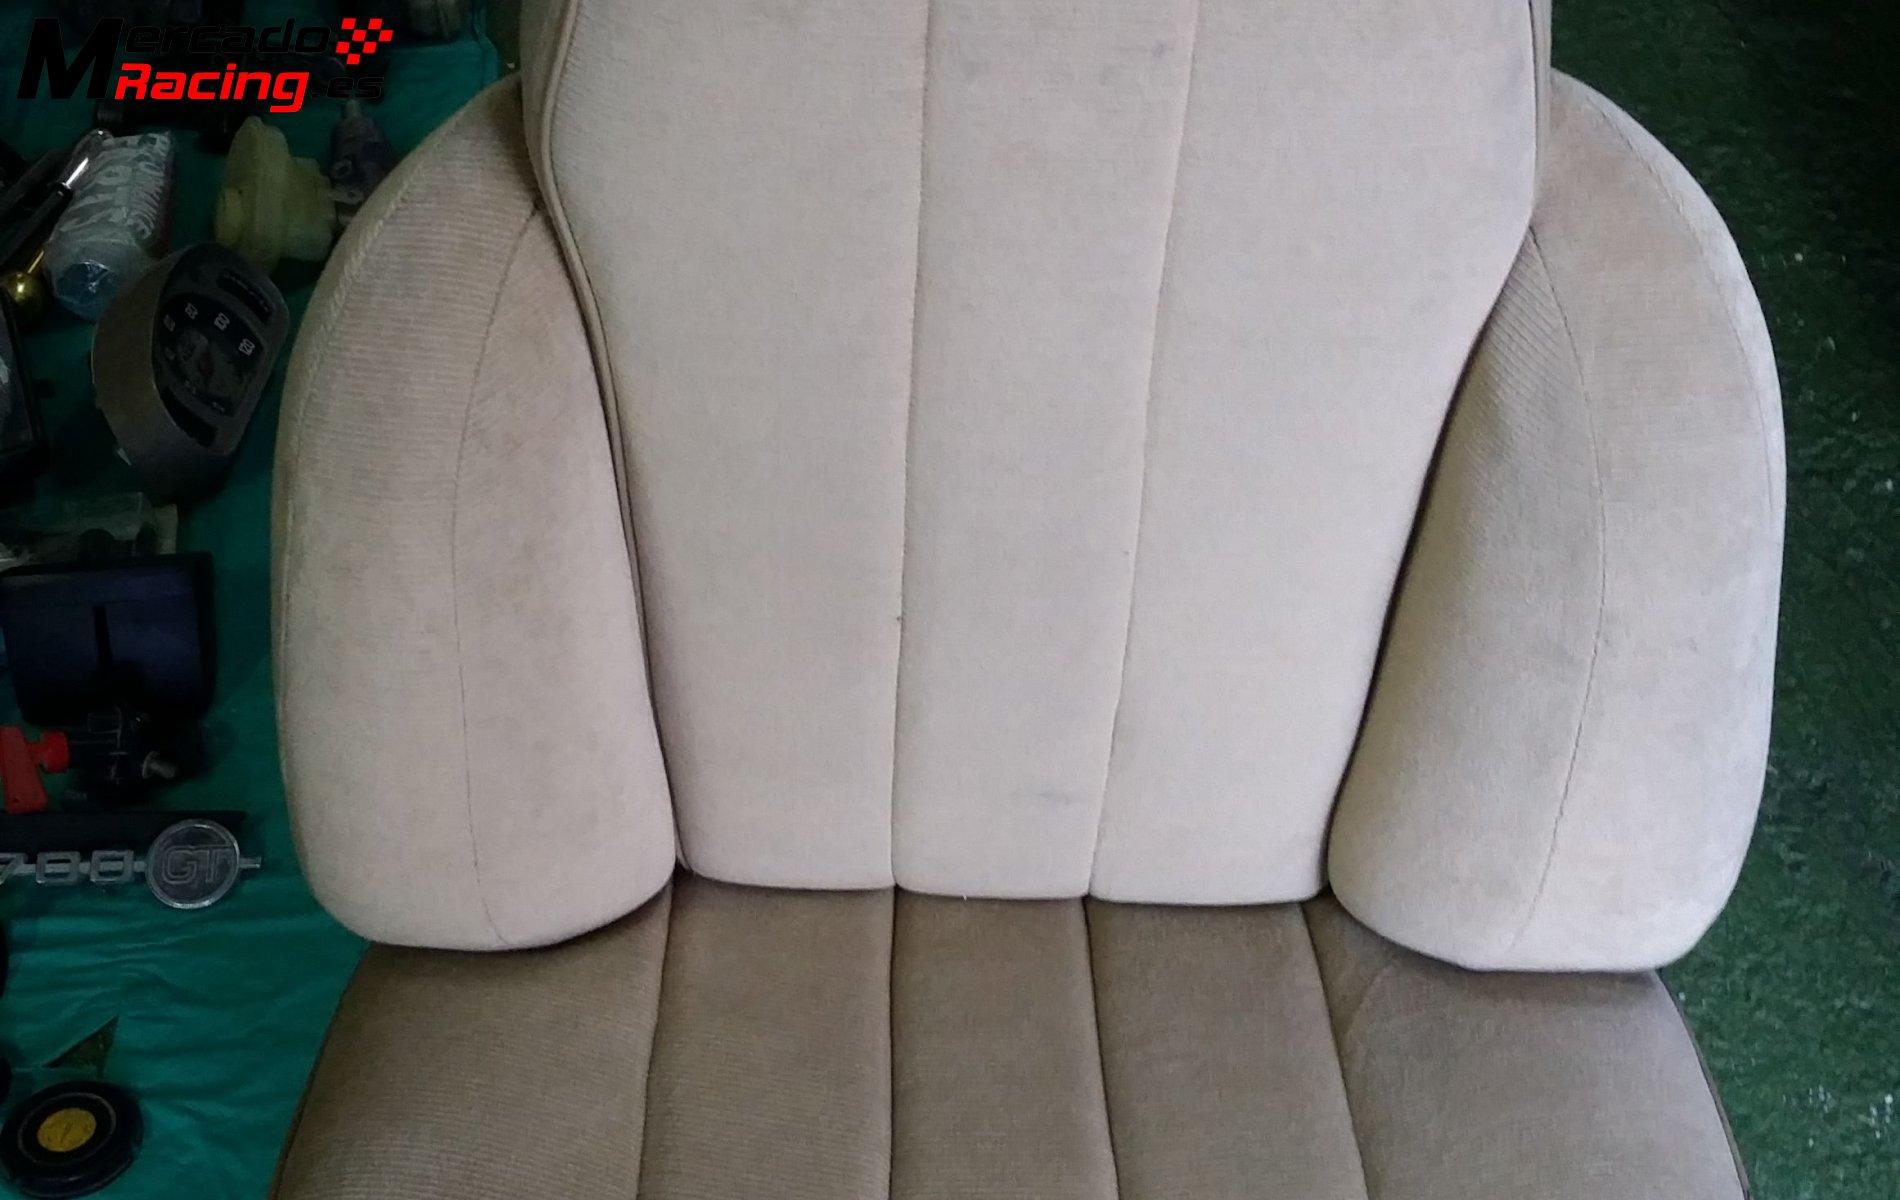 Vendo asientos originales de reanult 5 alpine turbo - Compro vendo regalo la palma ...